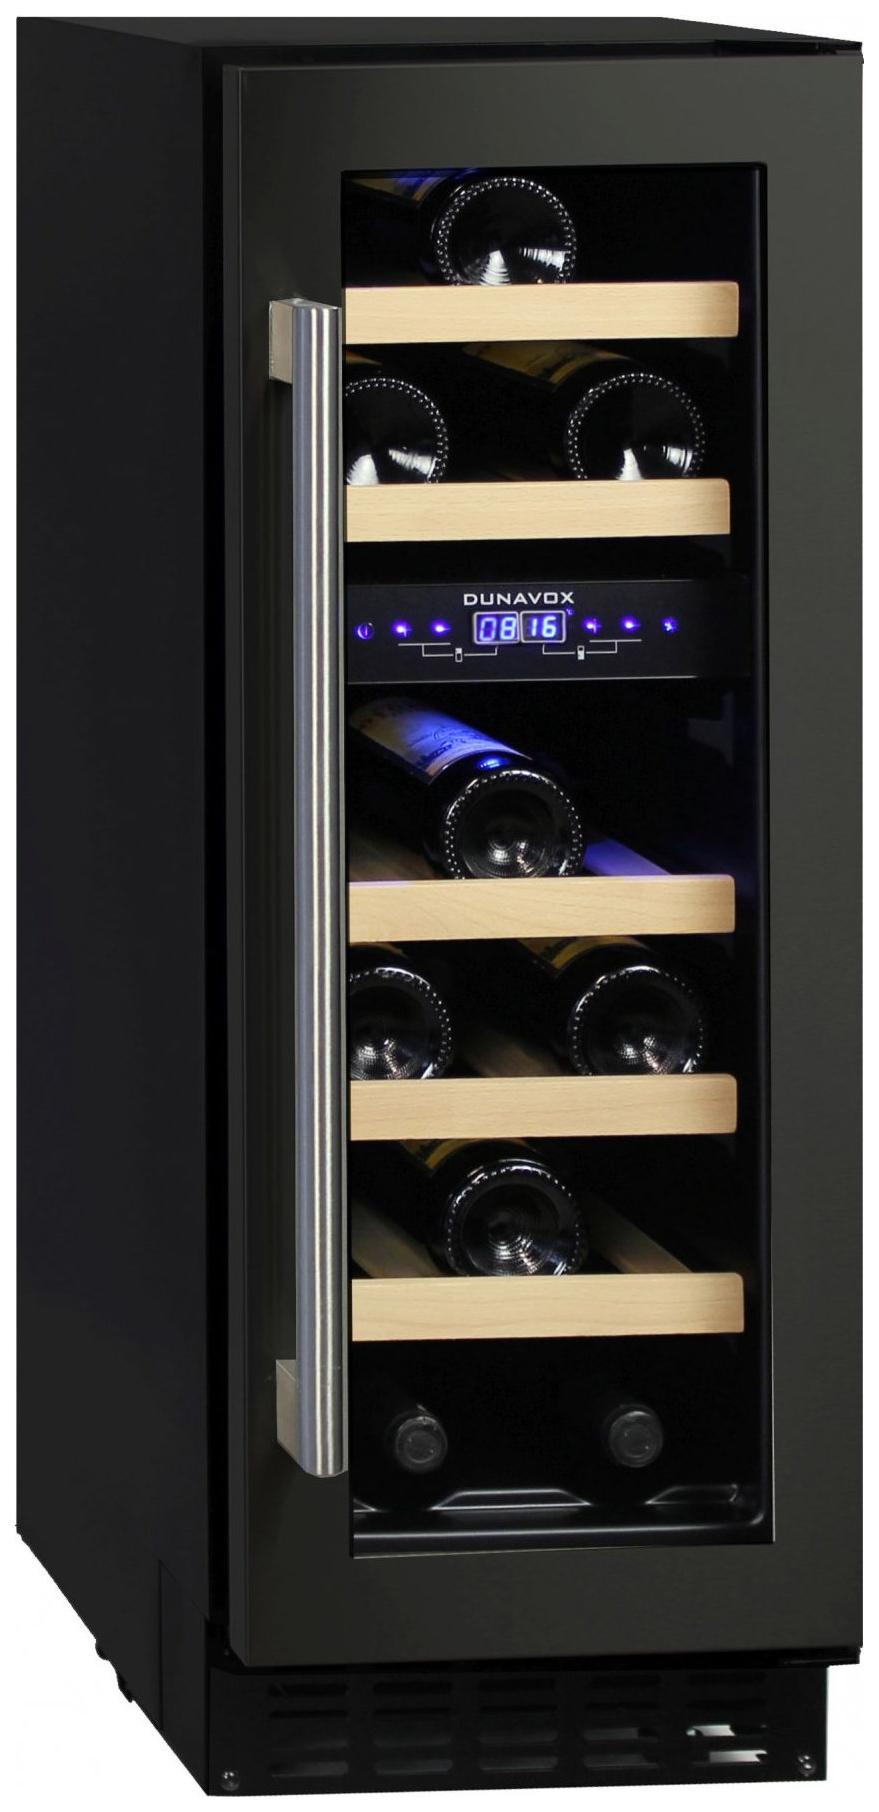 Встраиваемый винный шкаф Dunavox DAU 17.57DB